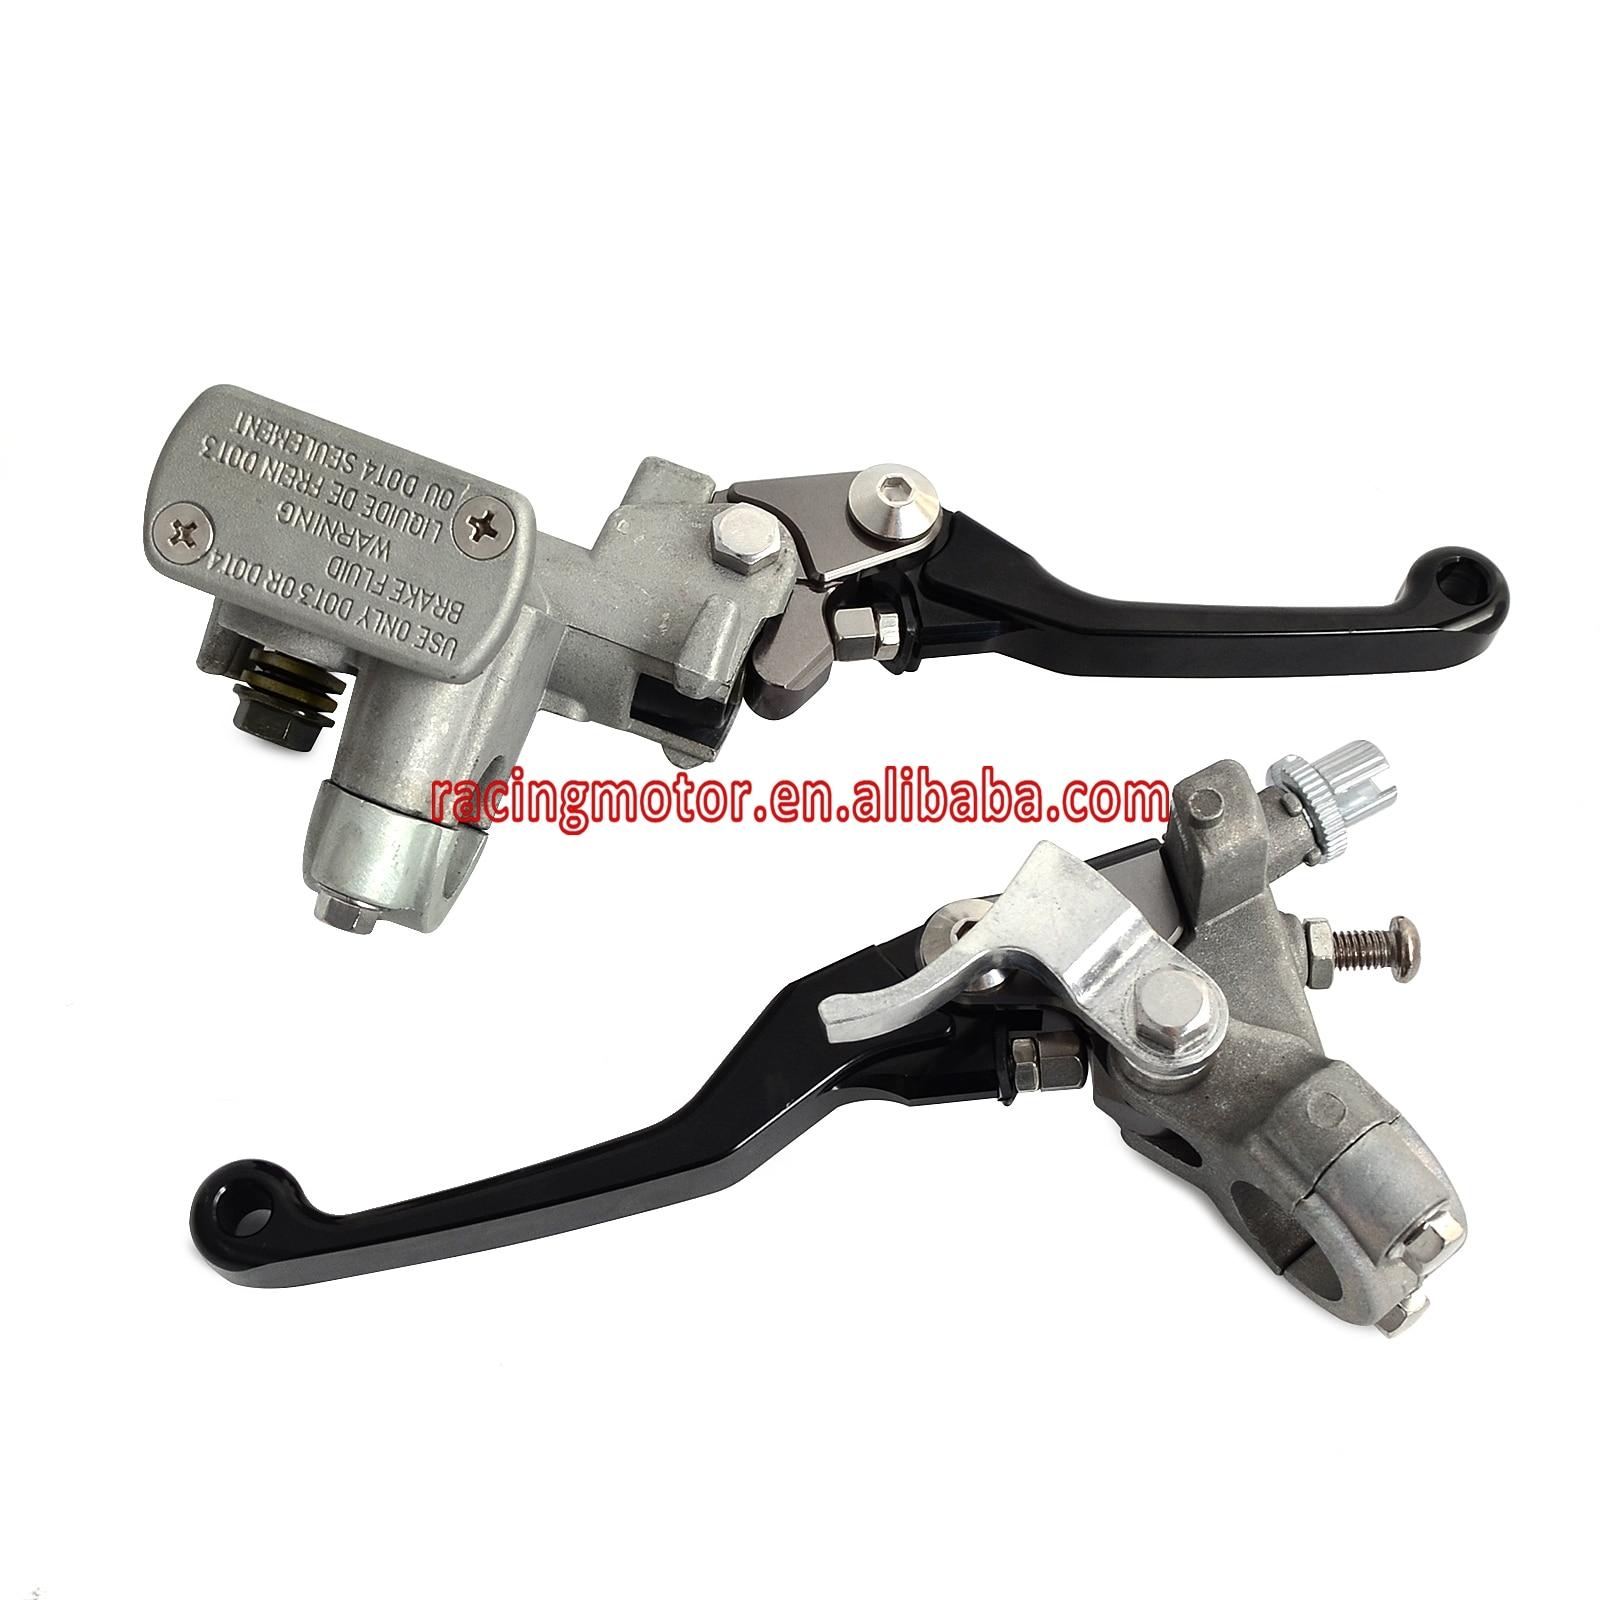 Black Brake Clutch Master Cylinder Lever For Honda CR125R CR250R CR500R CRF150R CRF250R CRF250X CRF450R CRF450X NEW